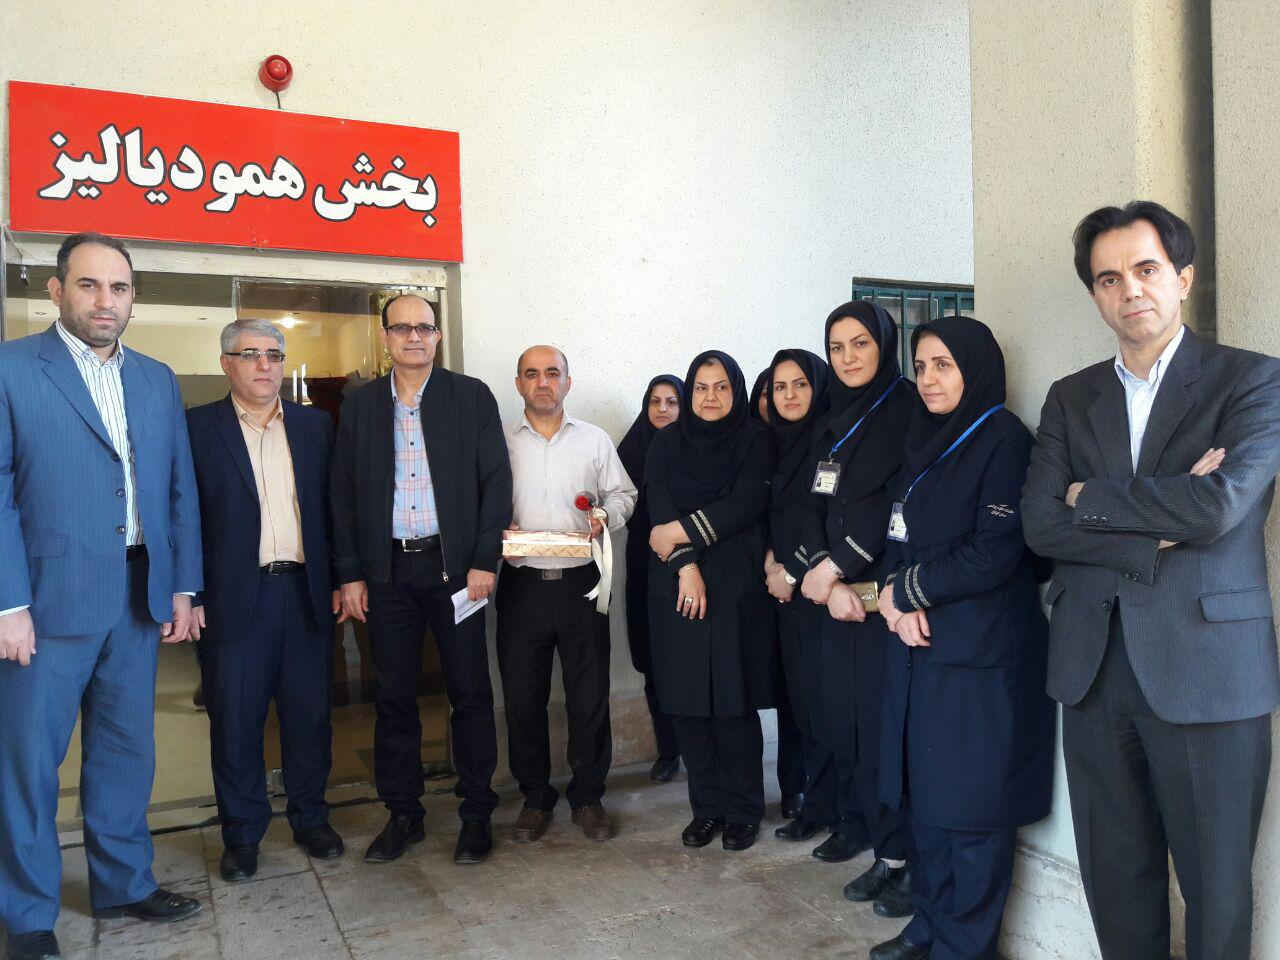 بزودی بخش رادیولوژی بیمارستان امام حسن مجتبی (ع) بصورت دیجیتال راه اندازی می شود